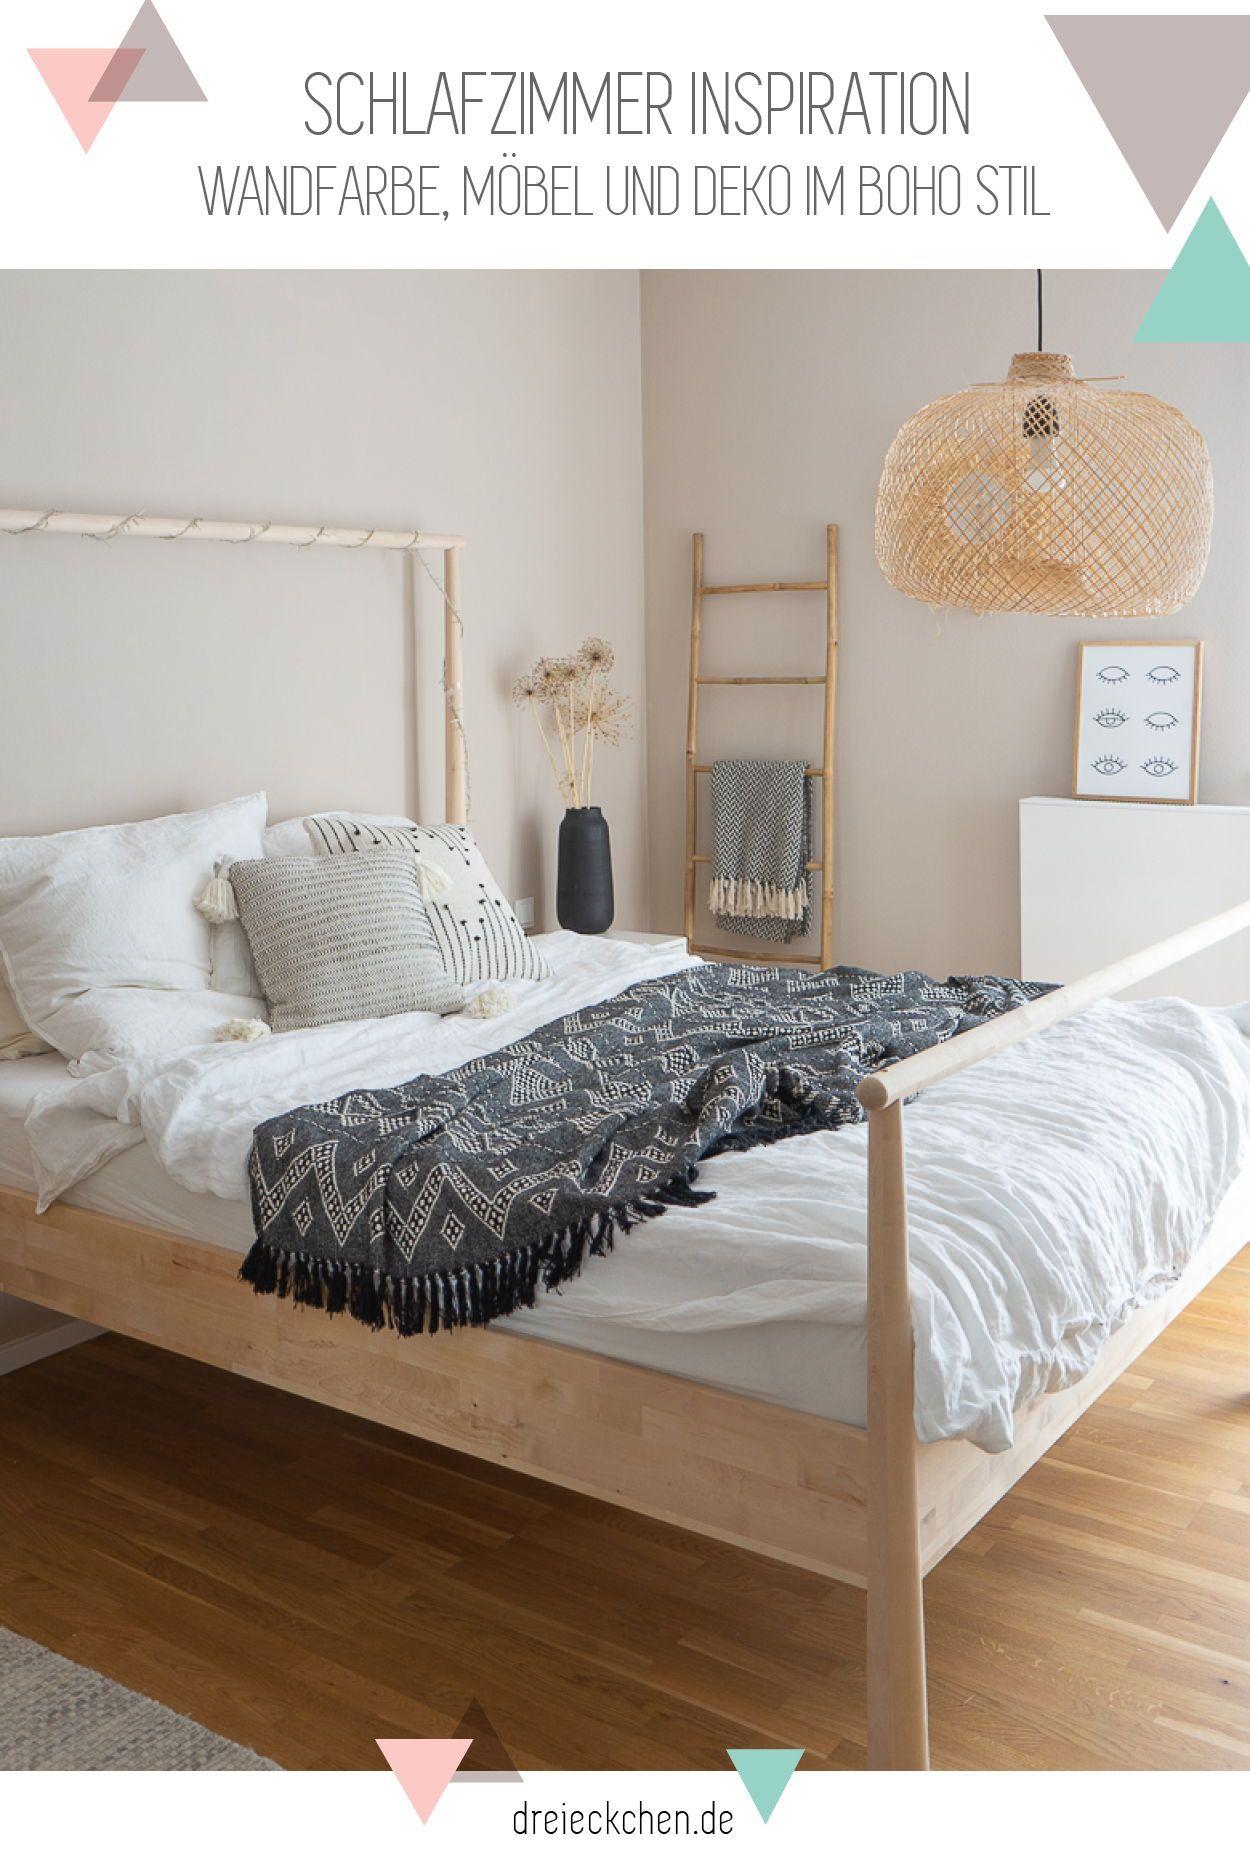 Schlafzimmer Inspiration Wandfarbe Mobel Und Deko Im Boho Stil